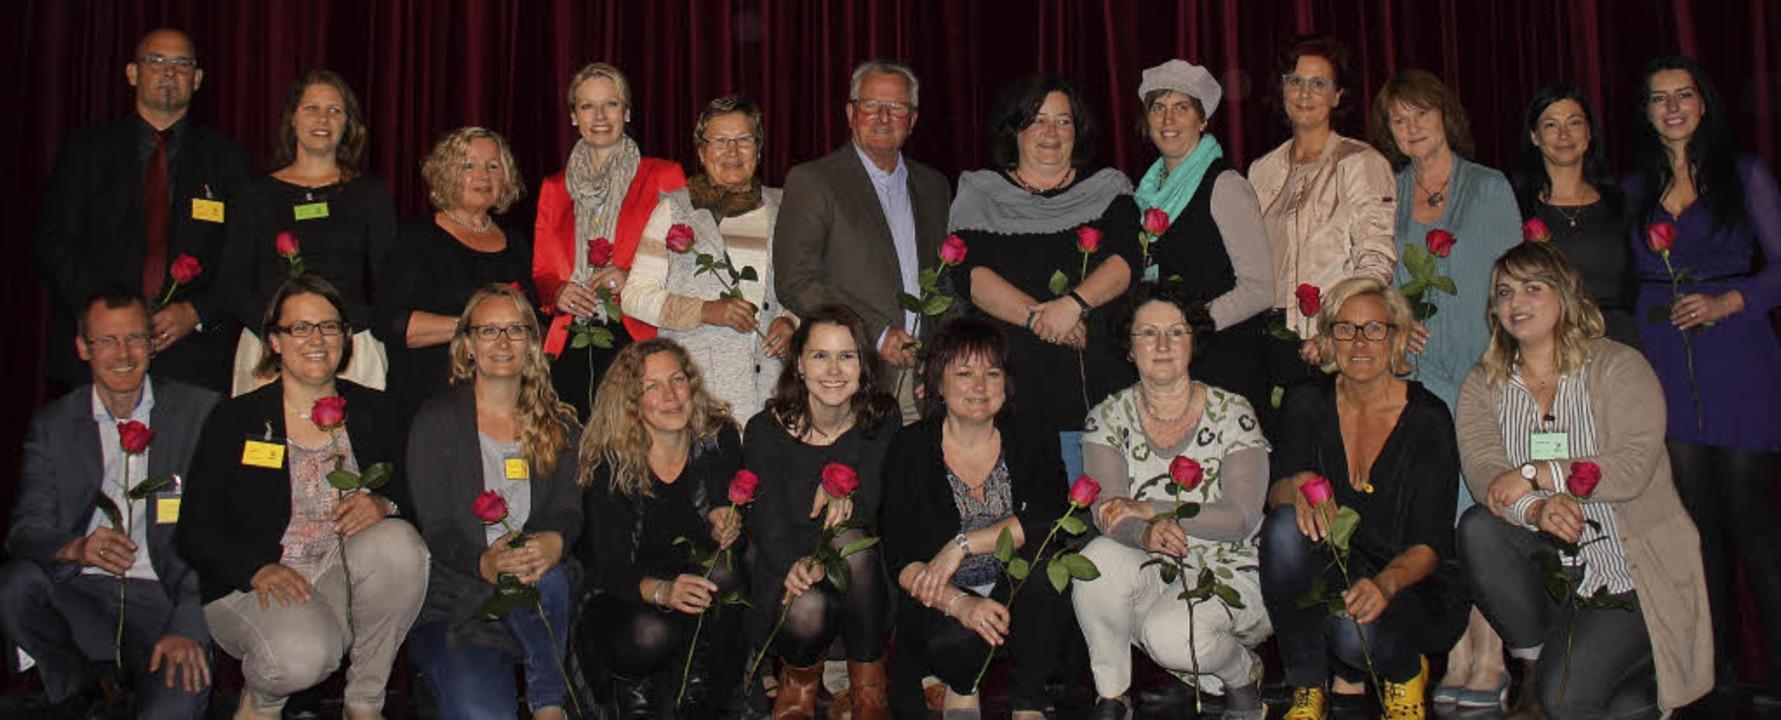 Das Vorstandsteam des Wunderfitz-Famil...sslich des Jubiläums mit roten Rosen.   | Foto: Siemann